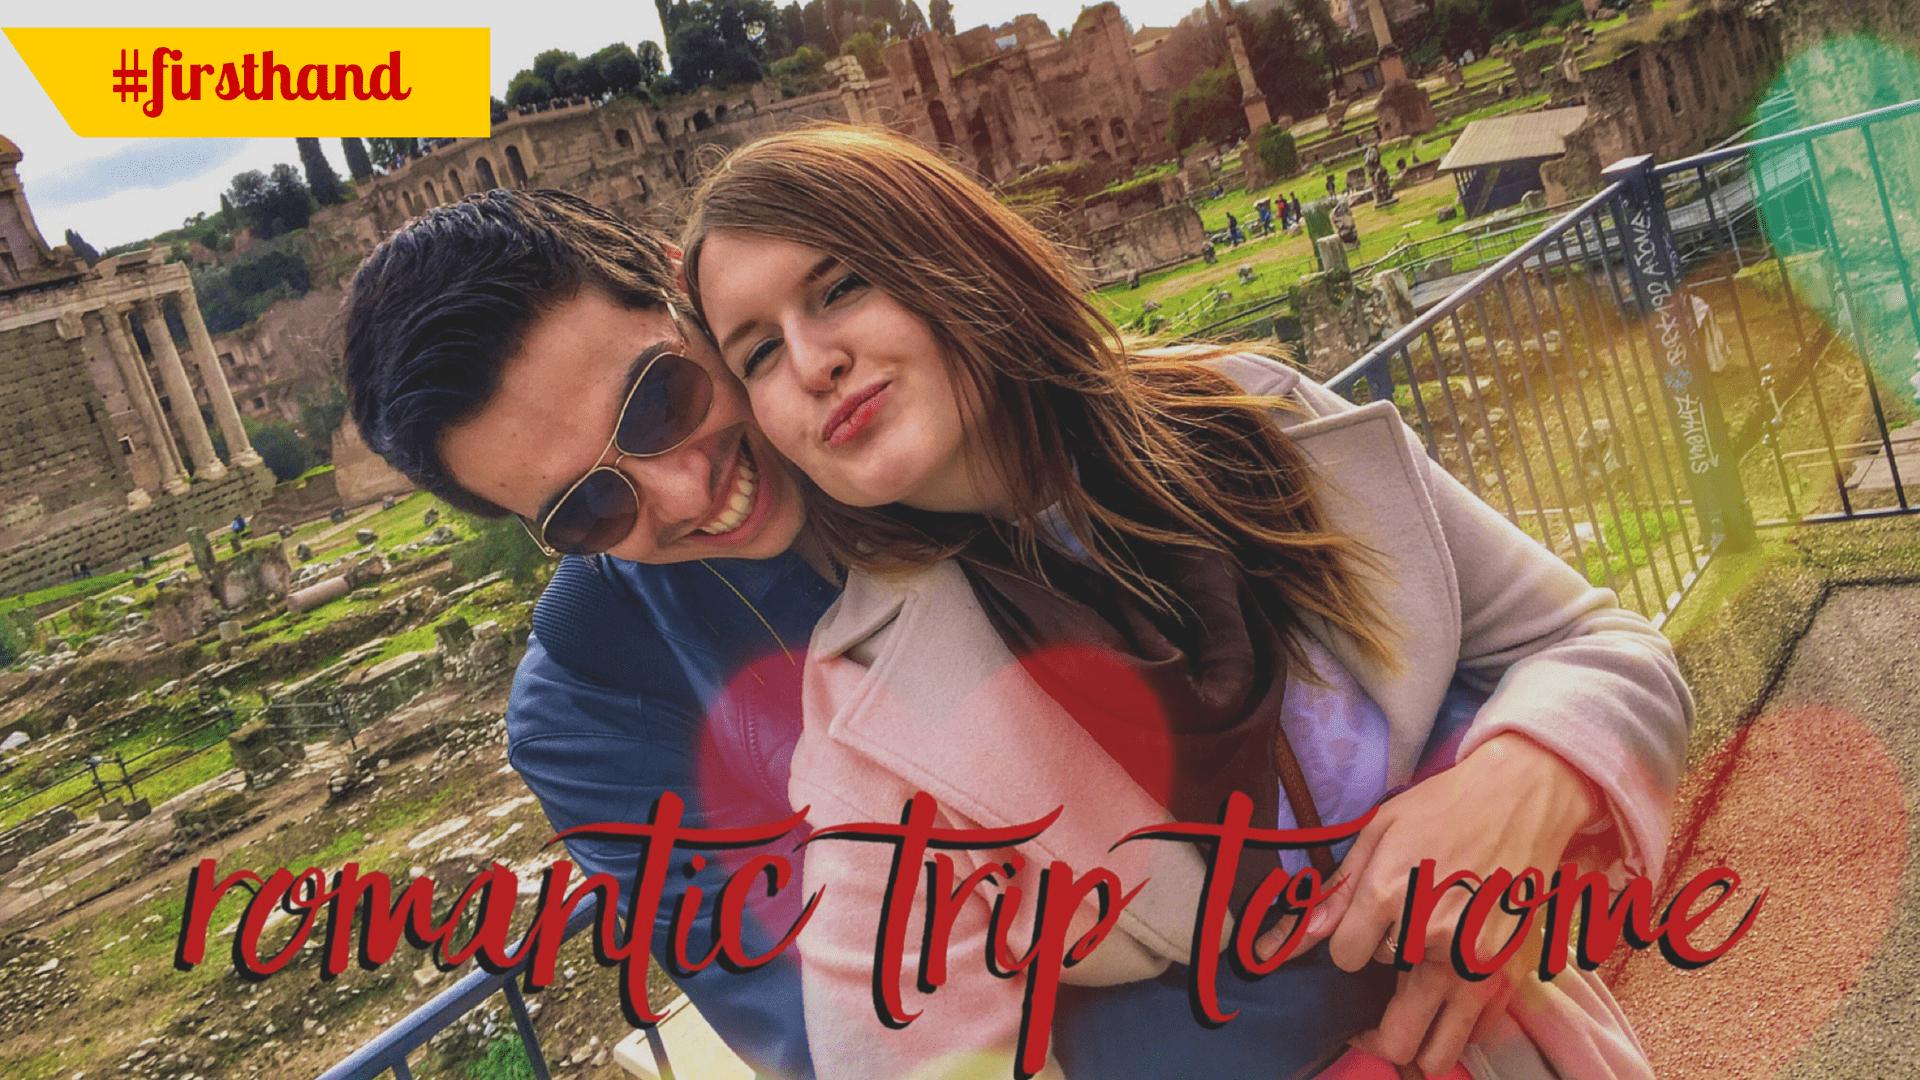 Rome weekend break: Romantic weekend in Rome